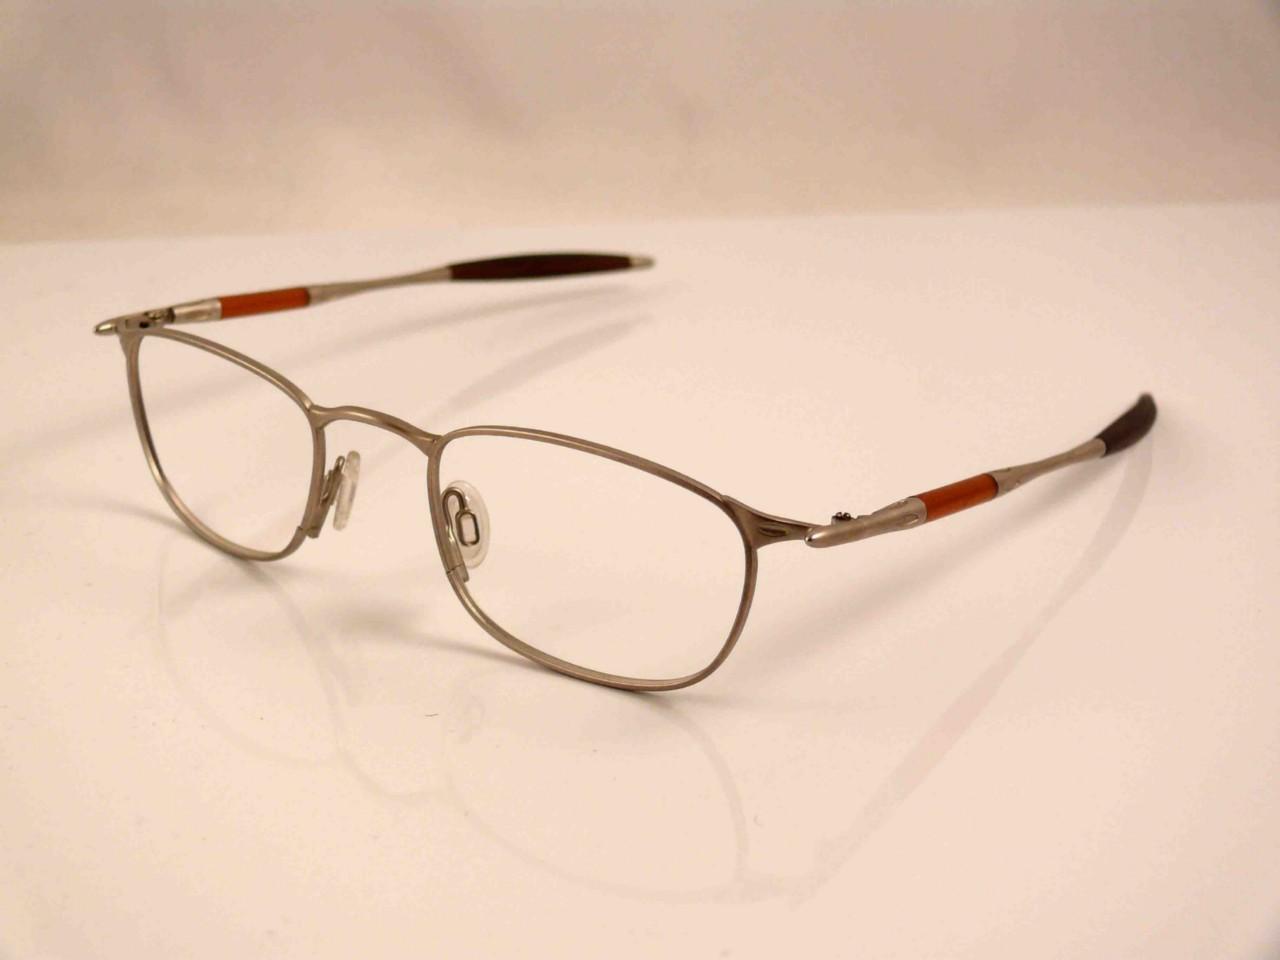 Oakley Titanium Frame Glasses : Oakley Titanium Prescription Frames